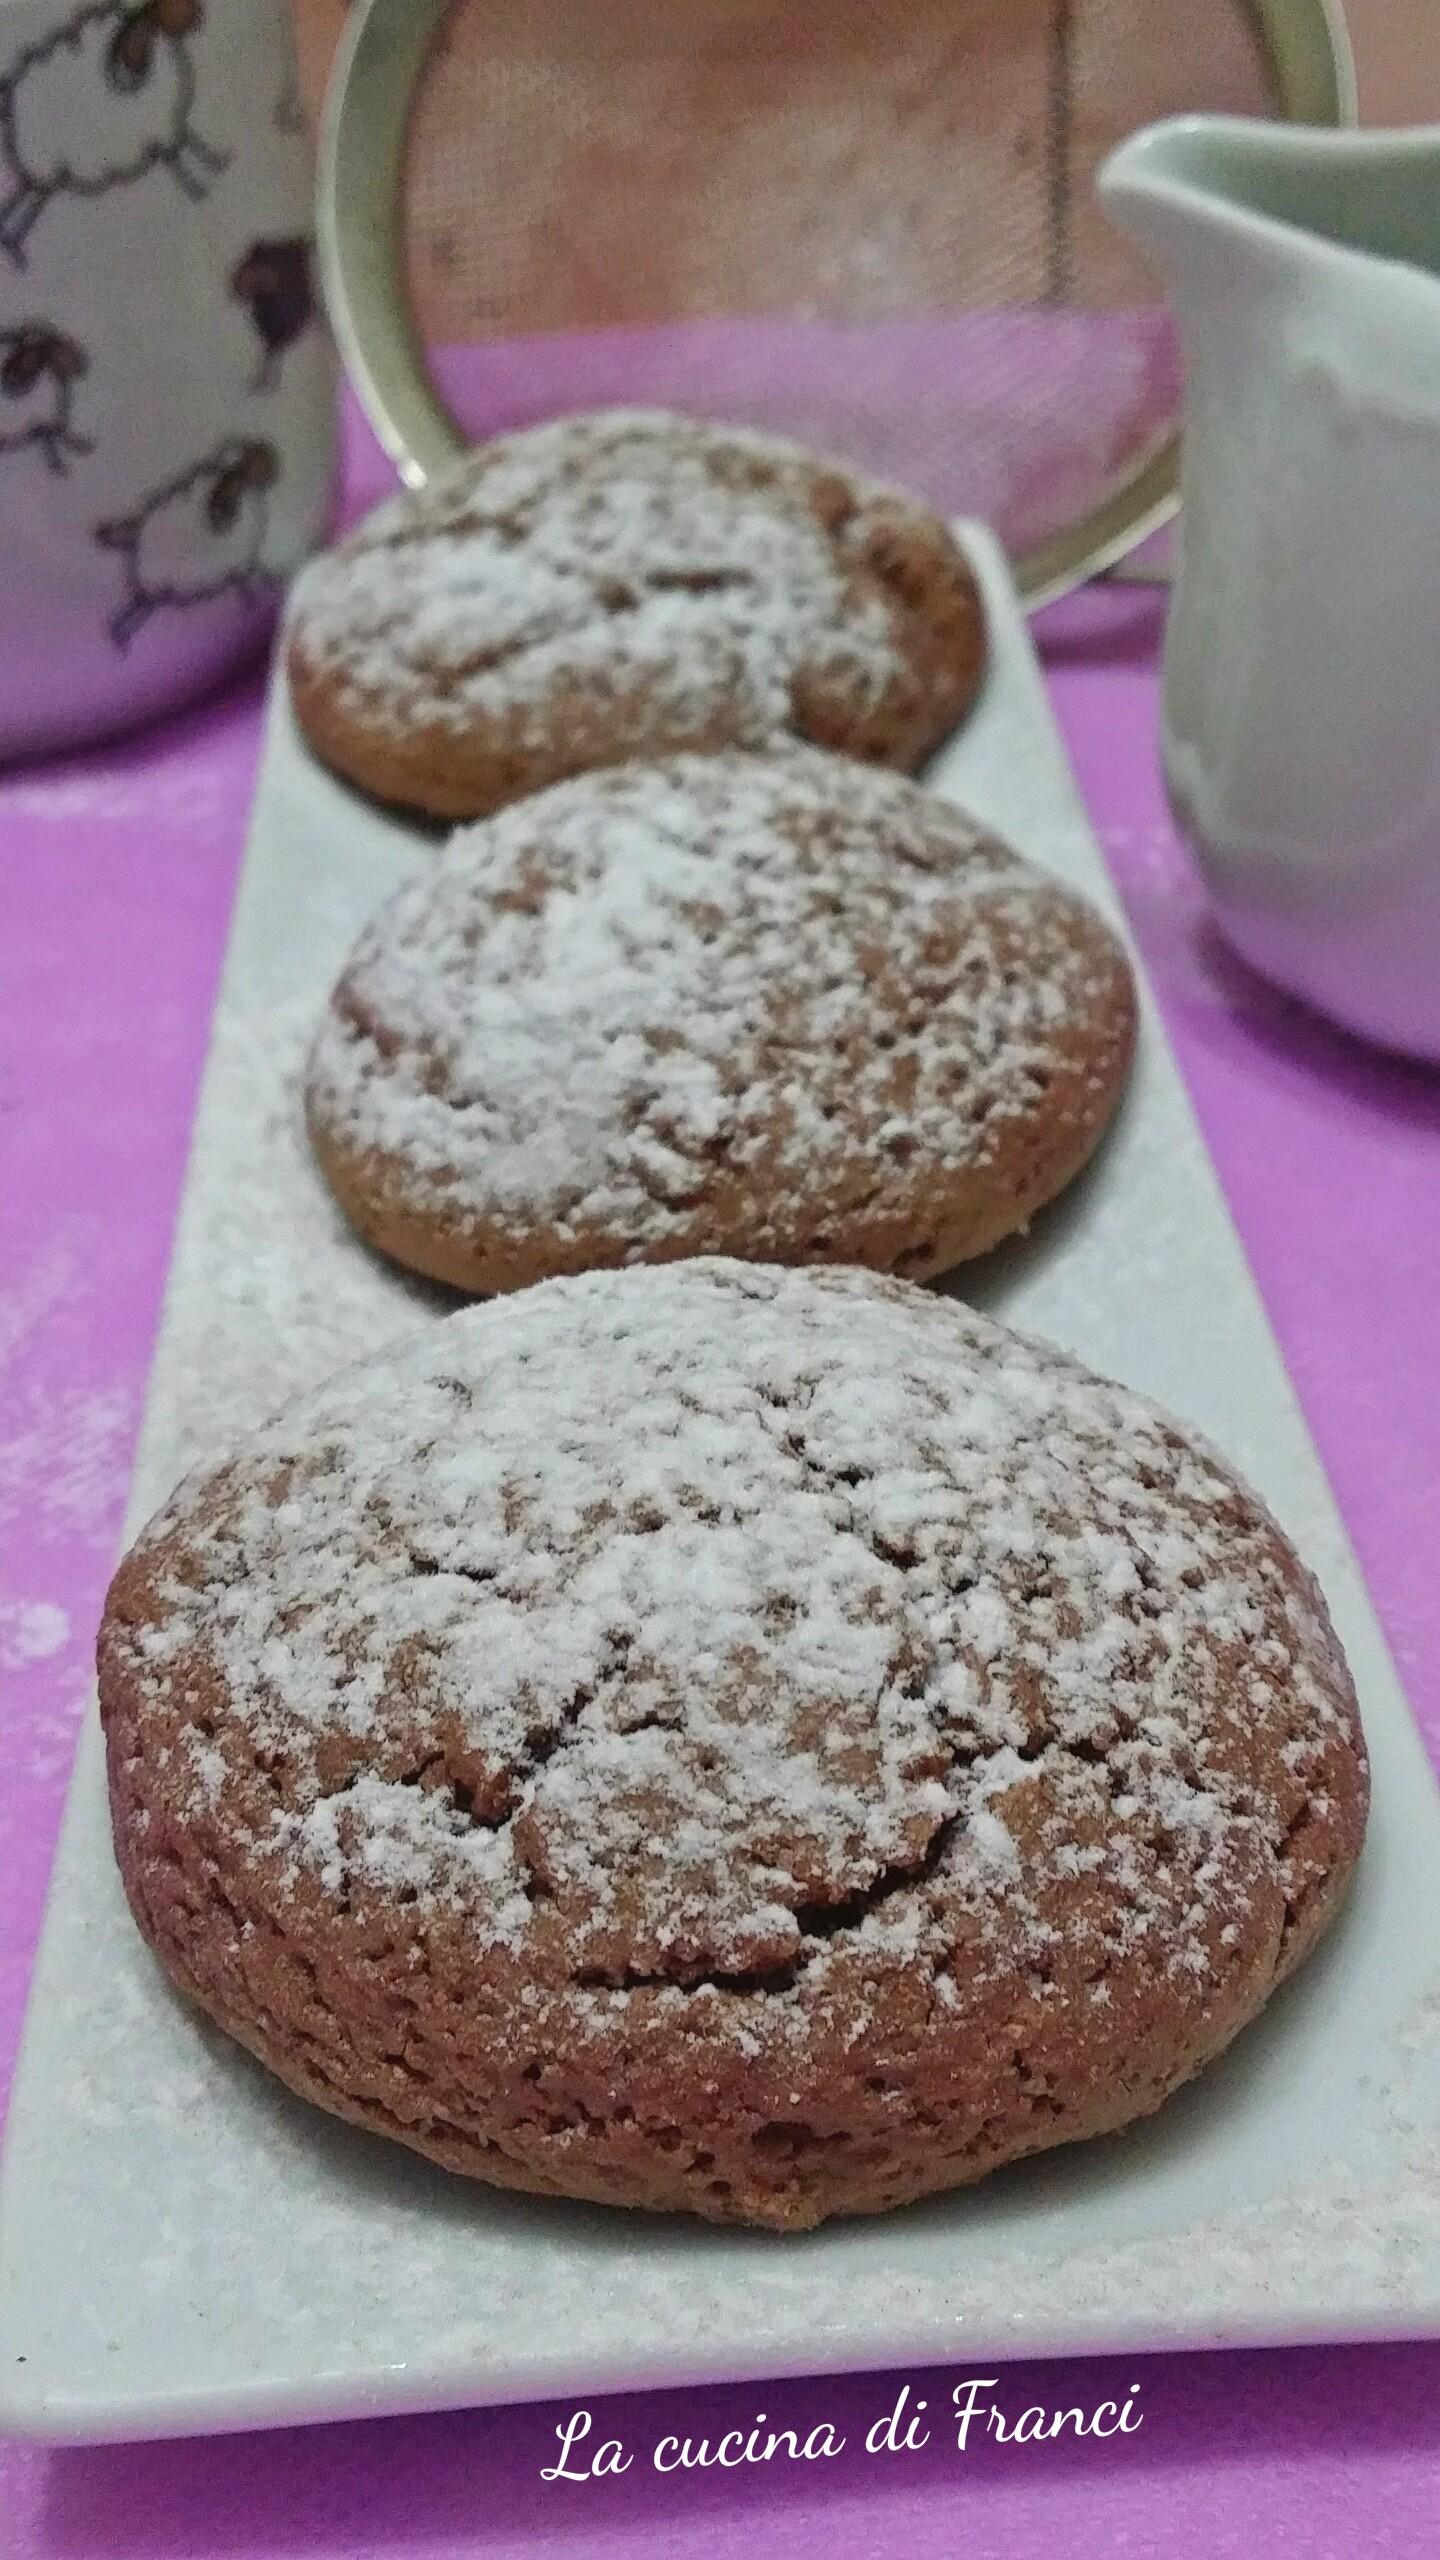 Biscotti alla Nutella veloci 2